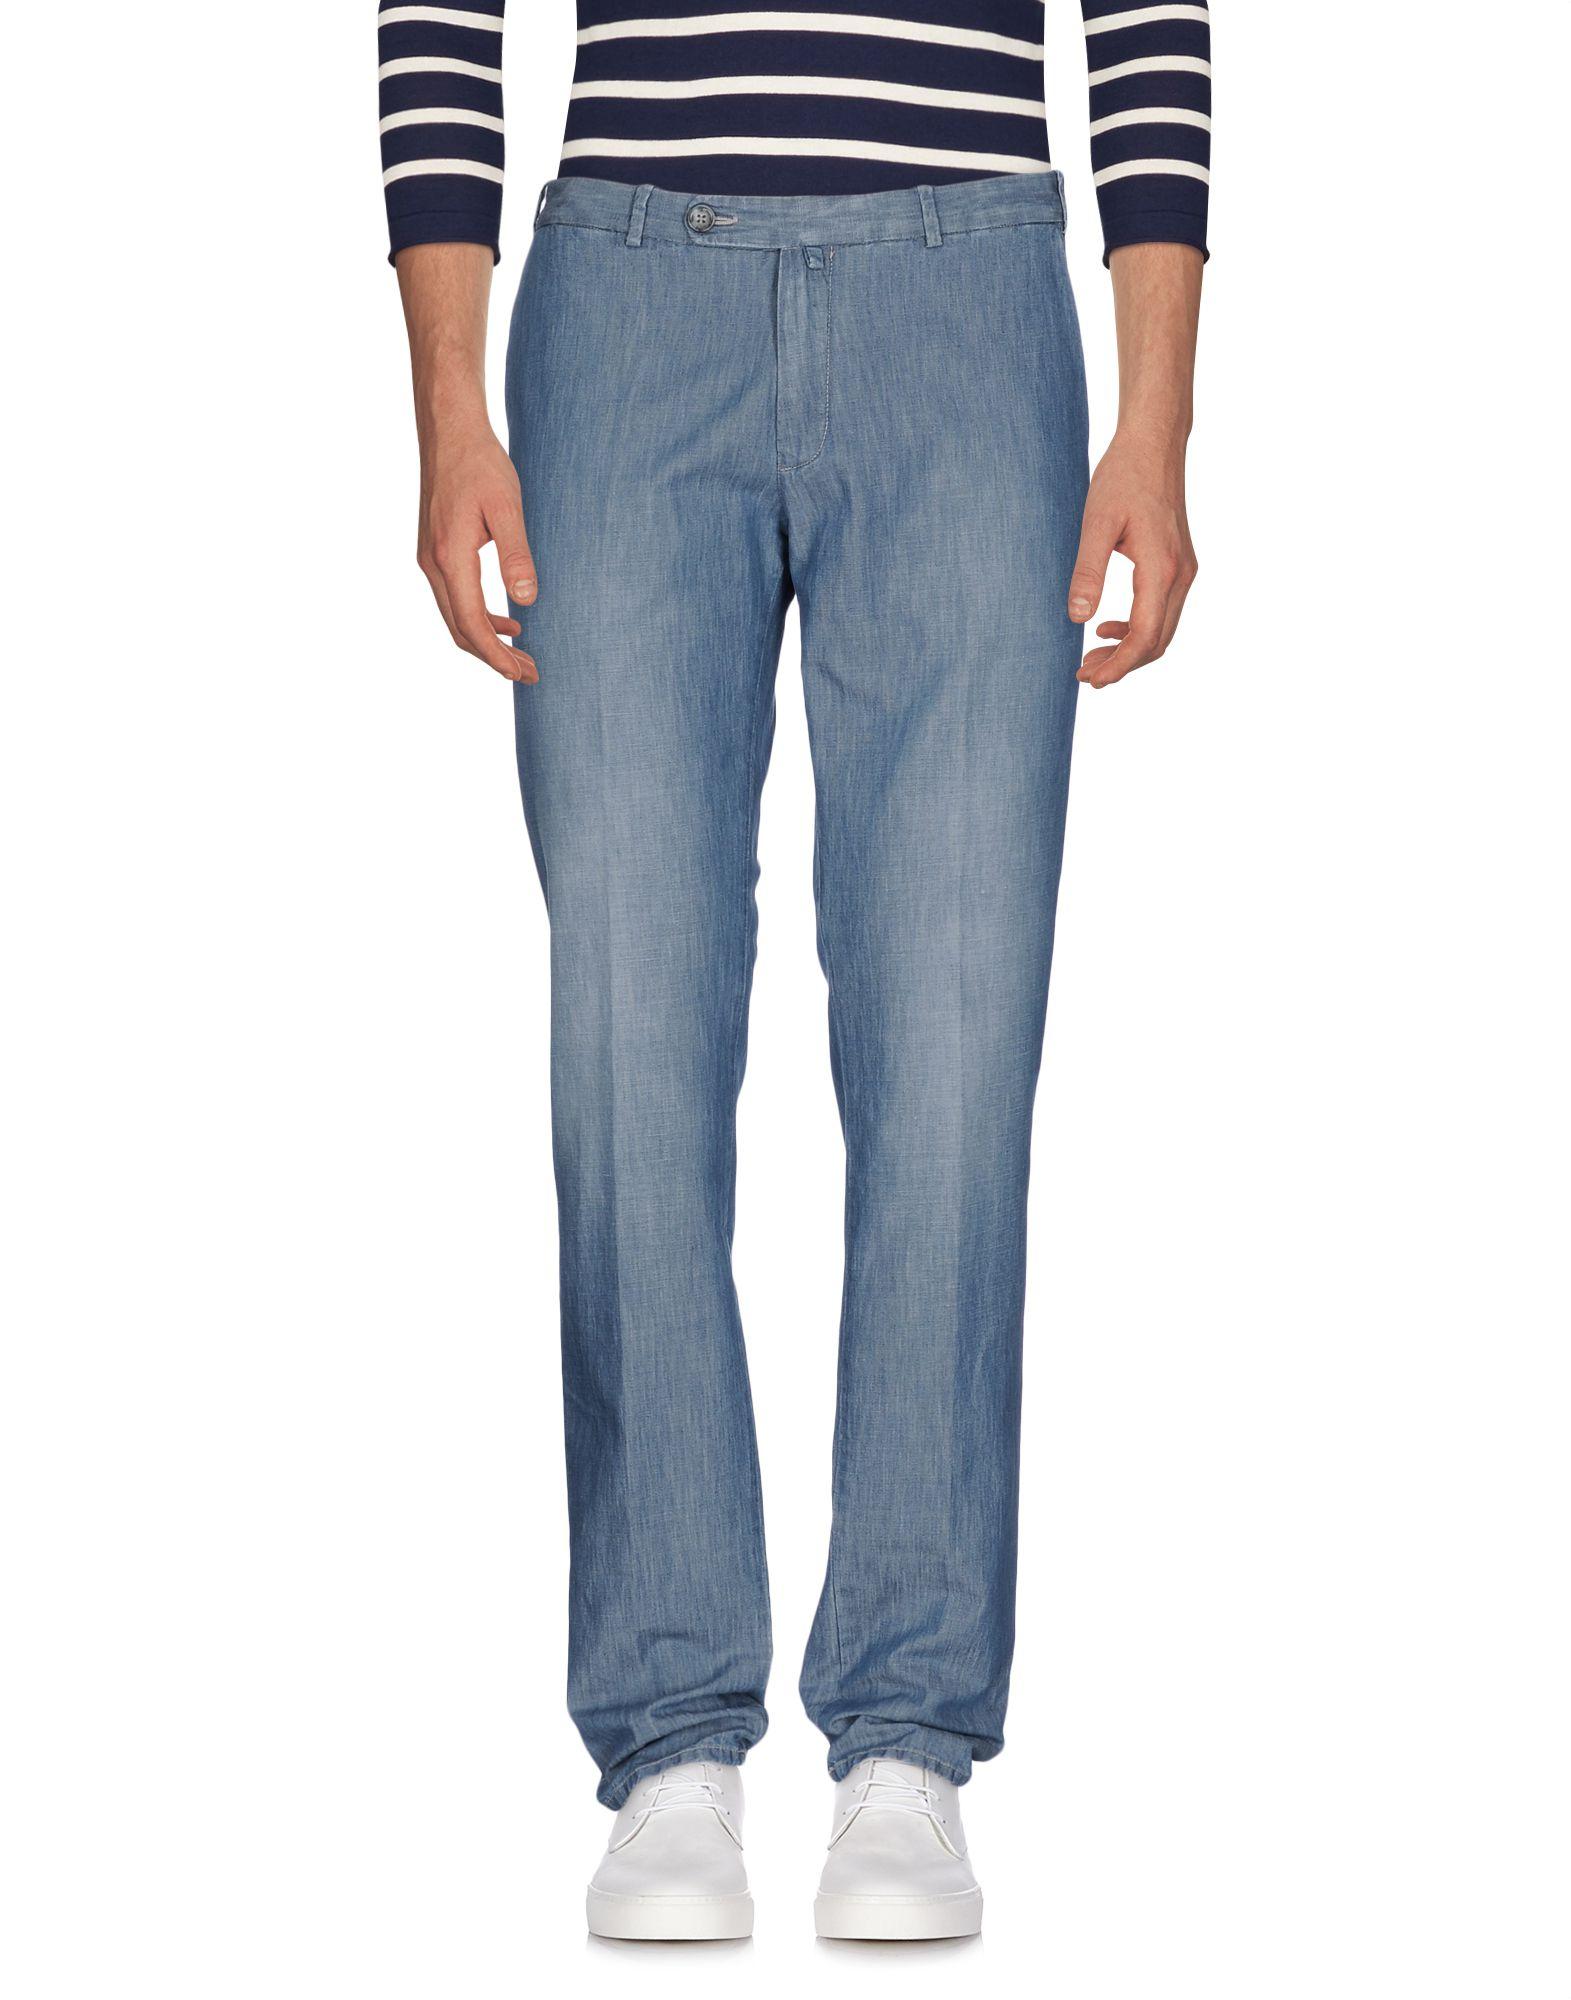 LUIGI BORRELLI NAPOLI Herren Jeanshose Farbe Blau Größe 6